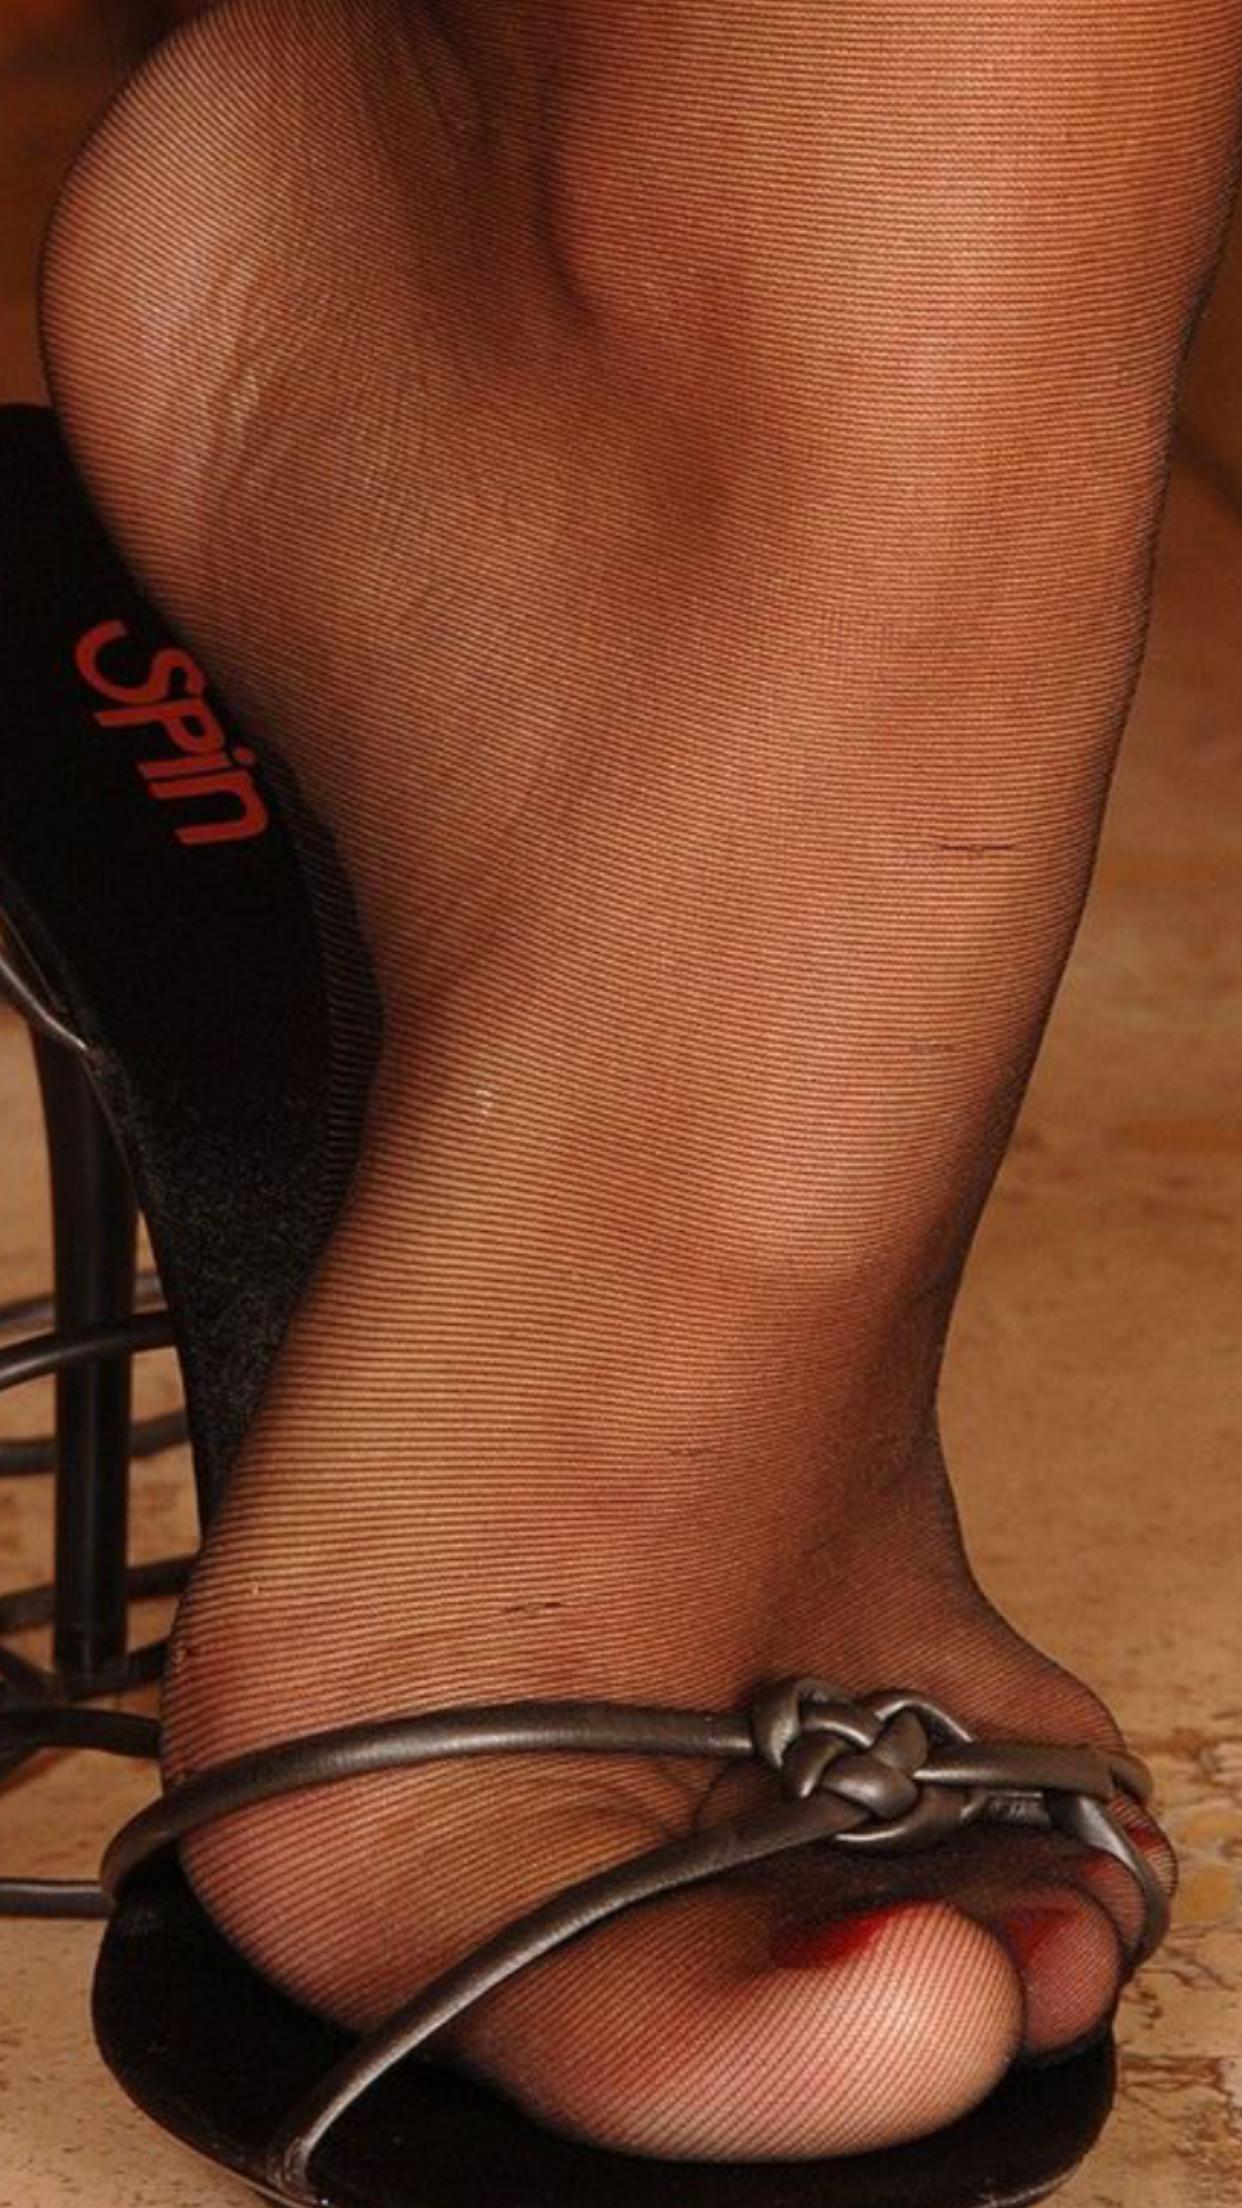 Sexy goddess feet